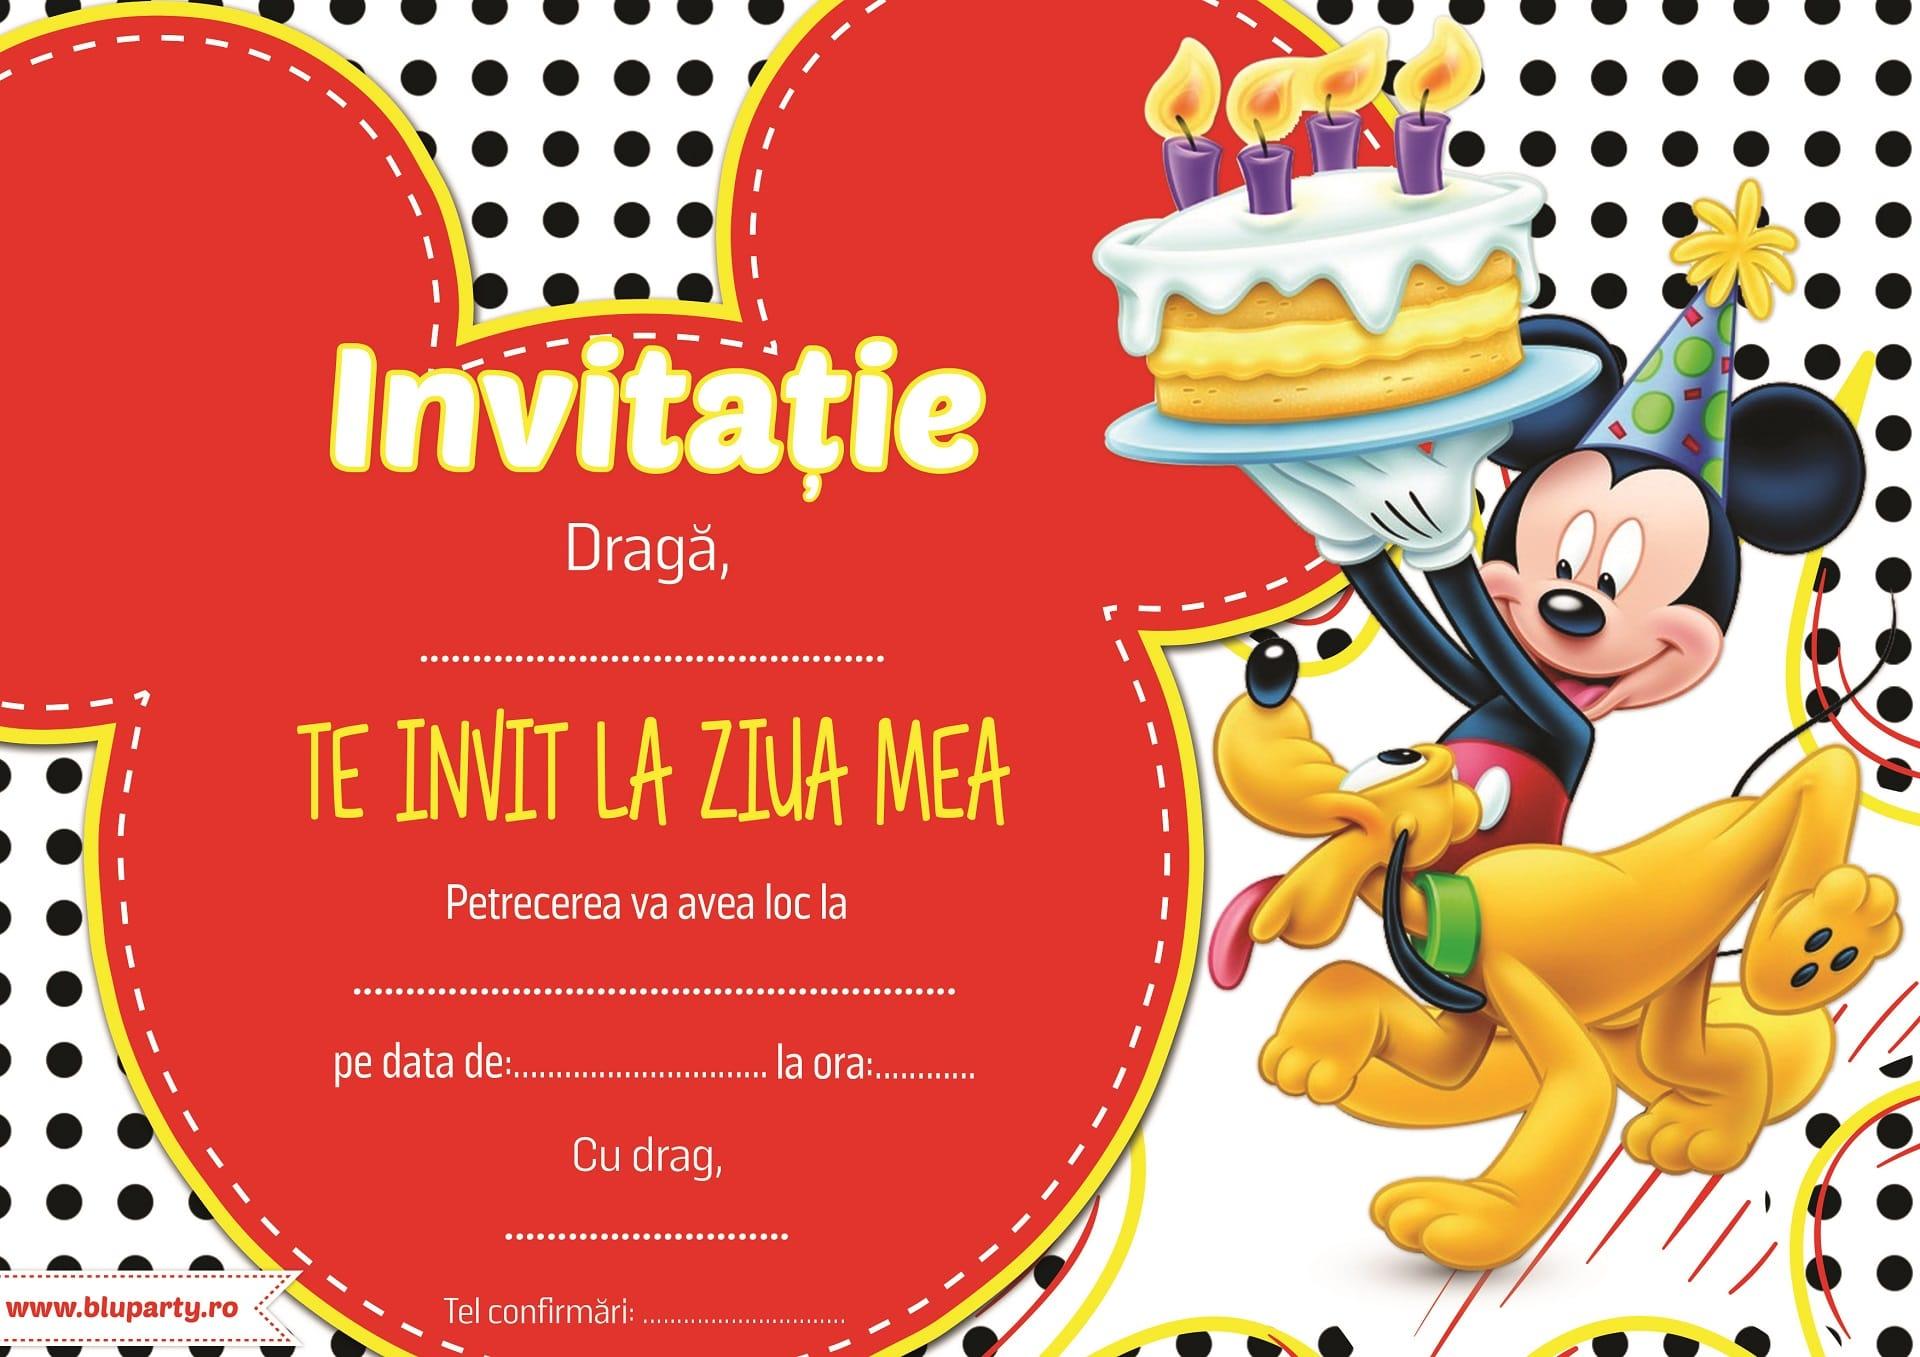 Invitatii pentru petreceri de copii resurse de petreceri.